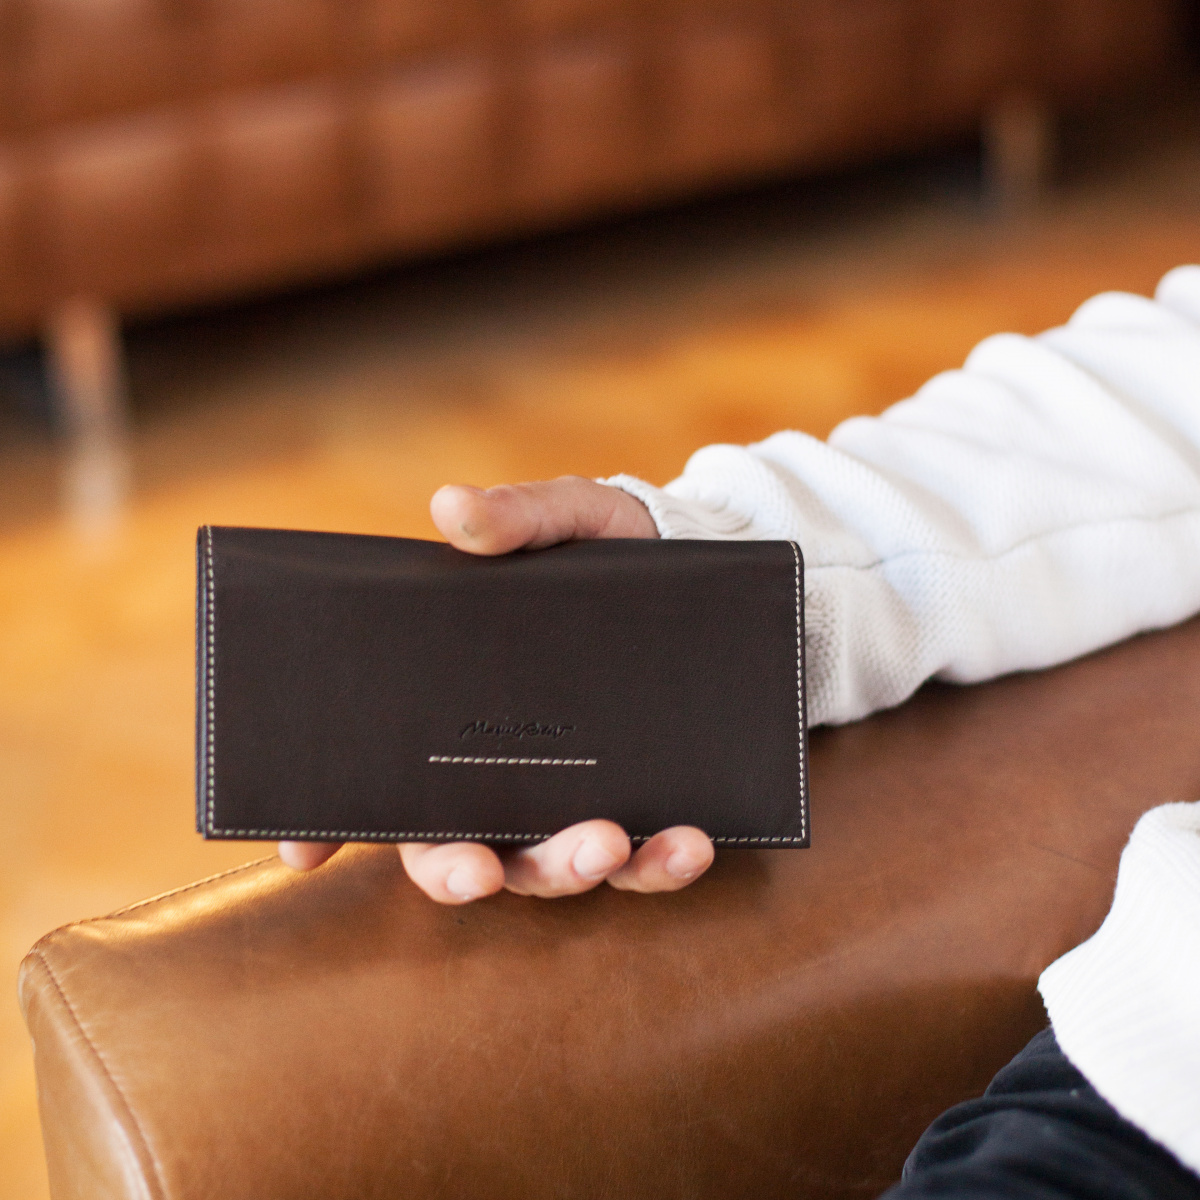 Длинный кошелек Lingot Bicolor из натуральной кожи теленка, темно-коричневого цвета